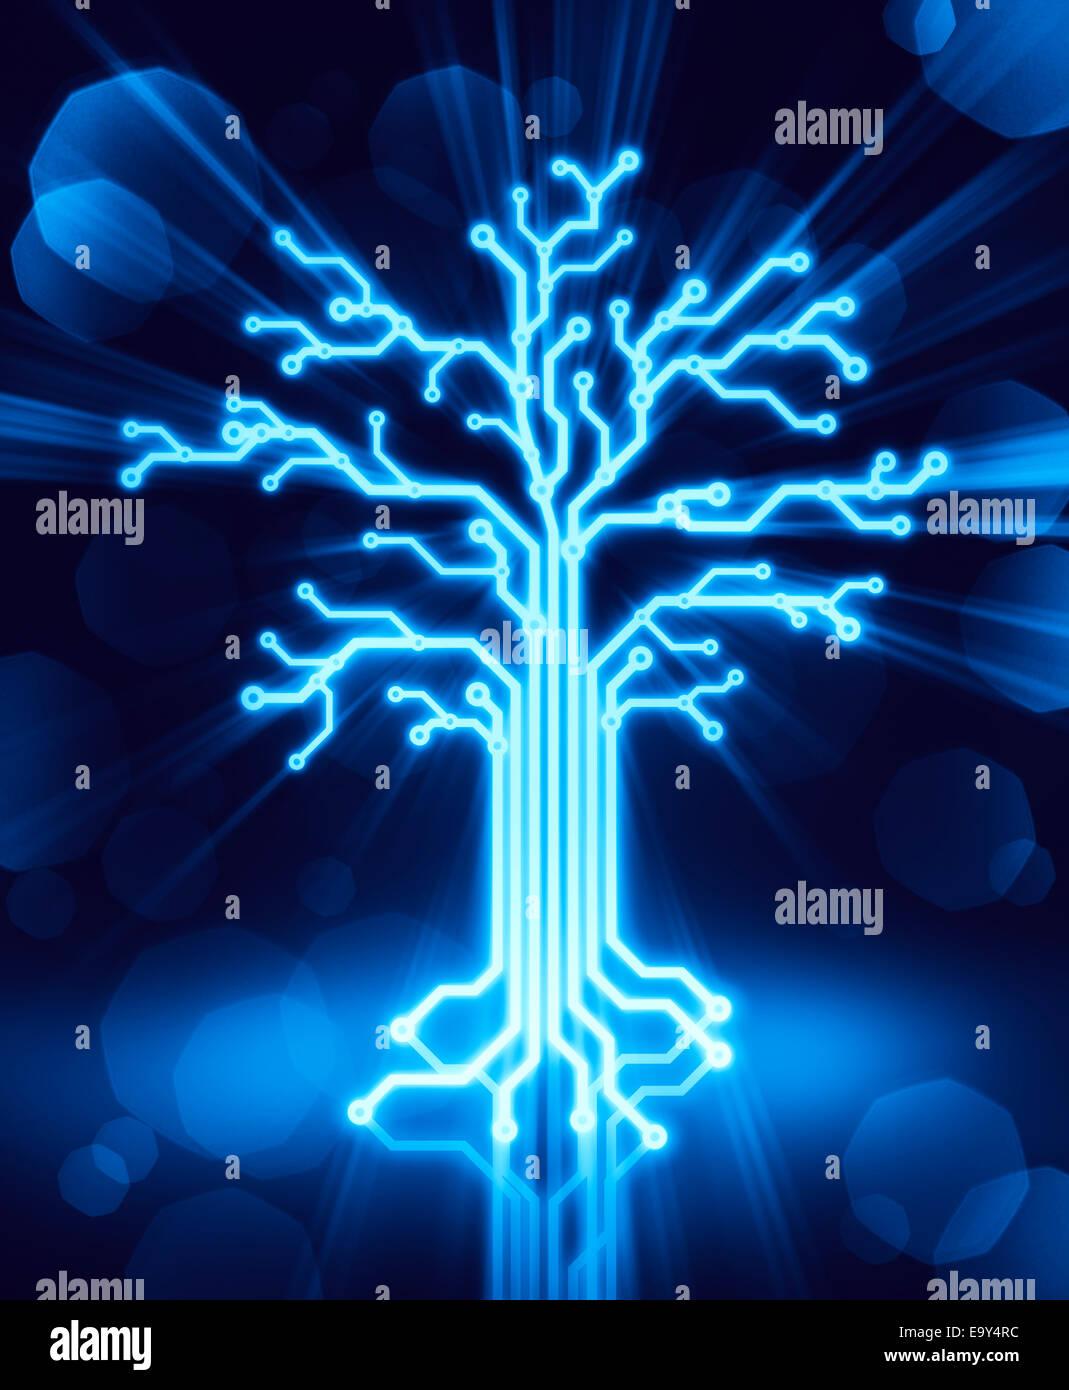 Resplandeciente árbol digital de circuitos, Ilustración conceptual azul sobre fondo negro Imagen De Stock